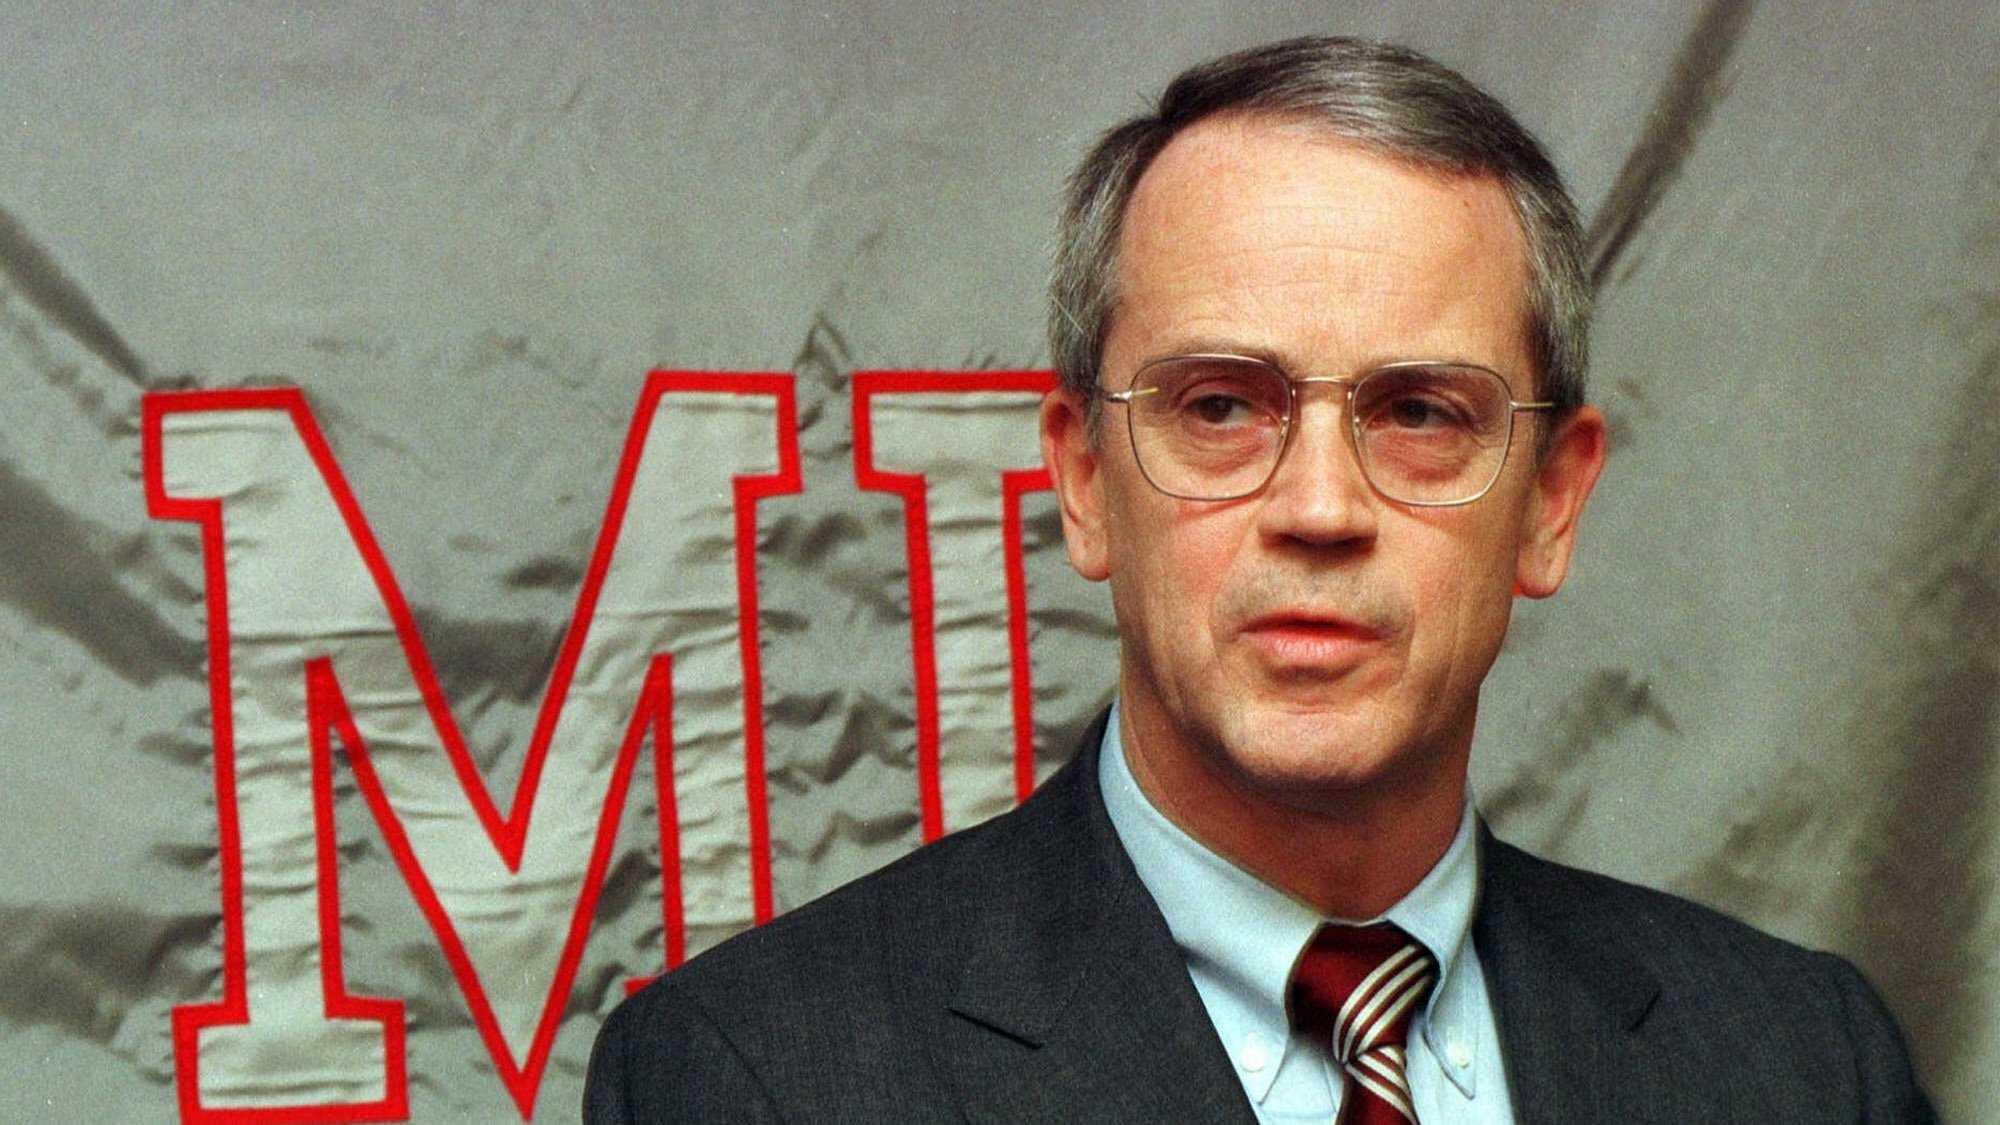 Massachusetts Institute of Technology president Charles M. Vest is shown in 1997.